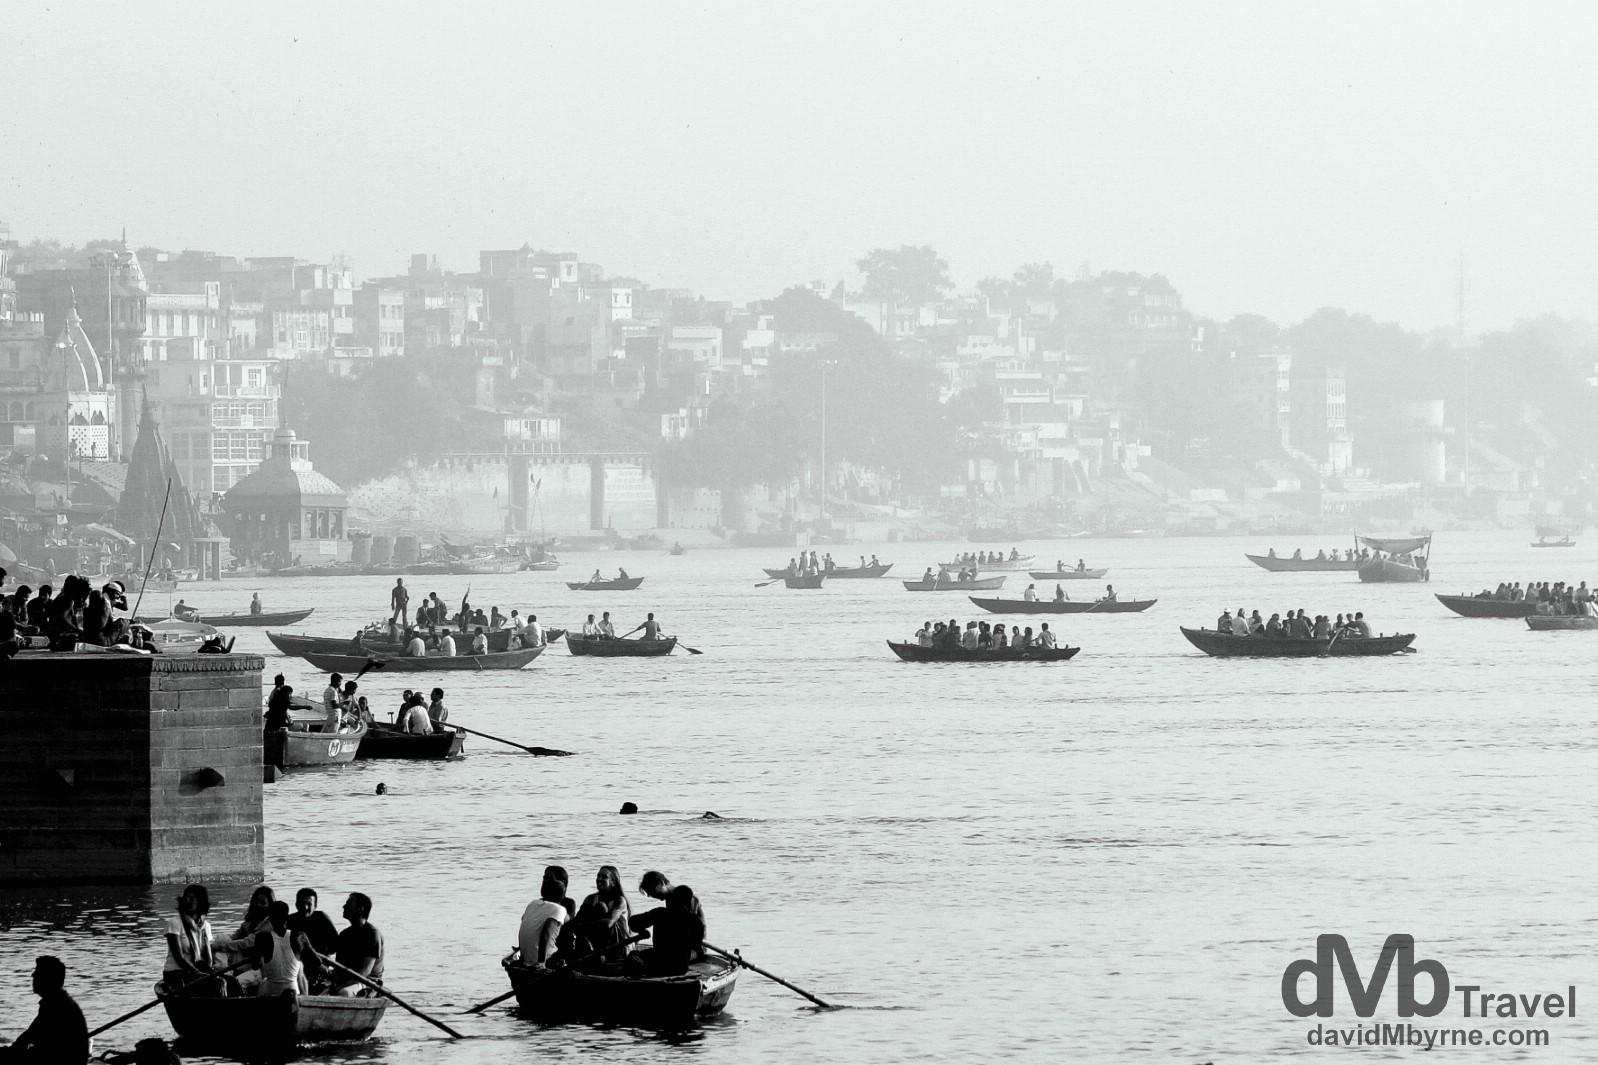 Boats on the Ganges River in Varanasi, Uttar Pradesh, India. October 14th 2012.